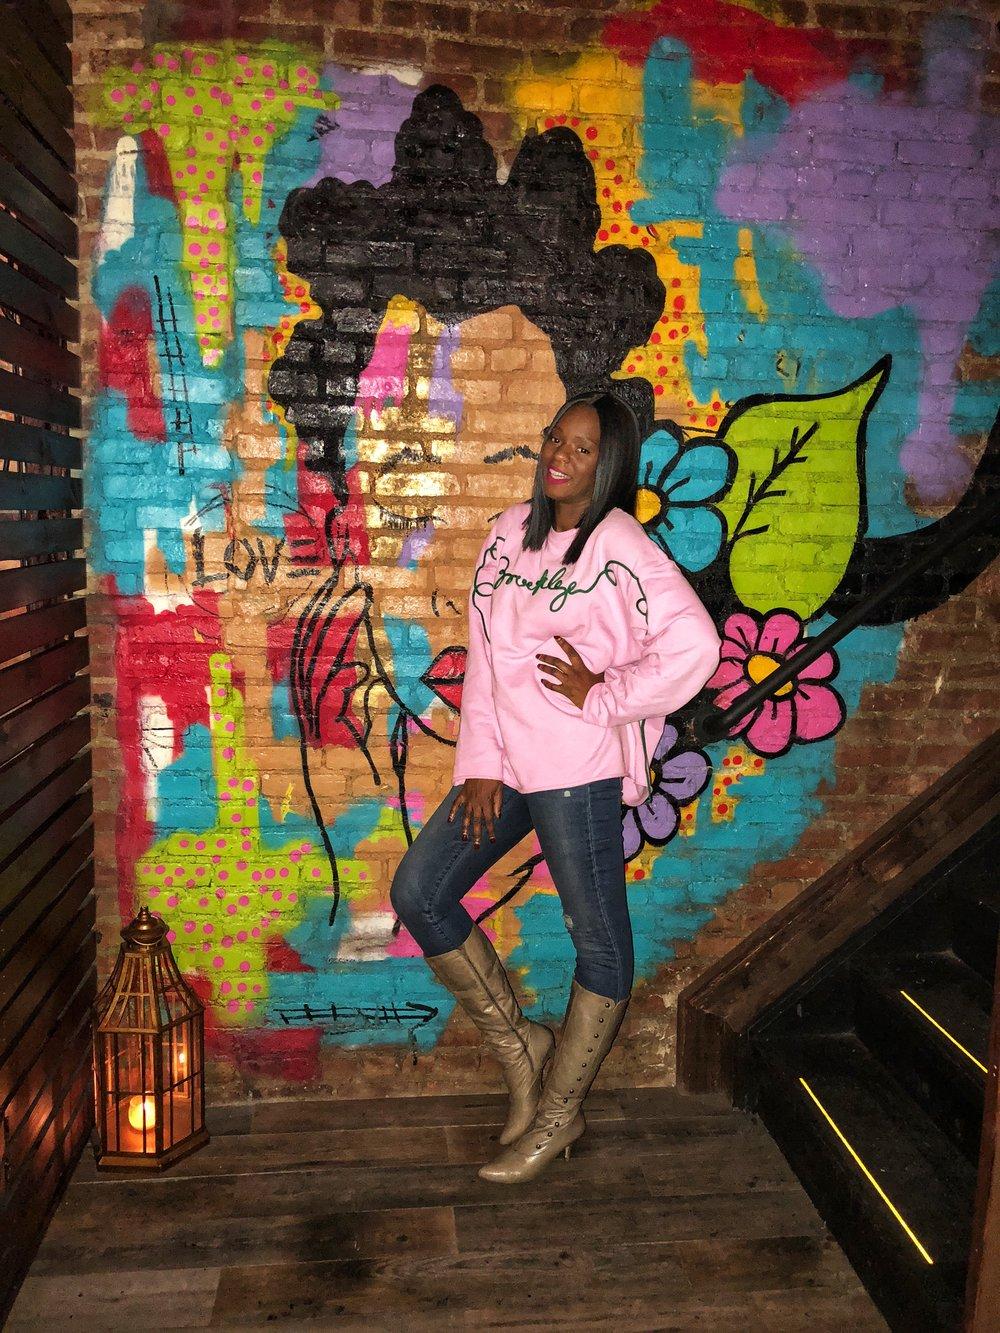 Mural painted wall at carribbean social